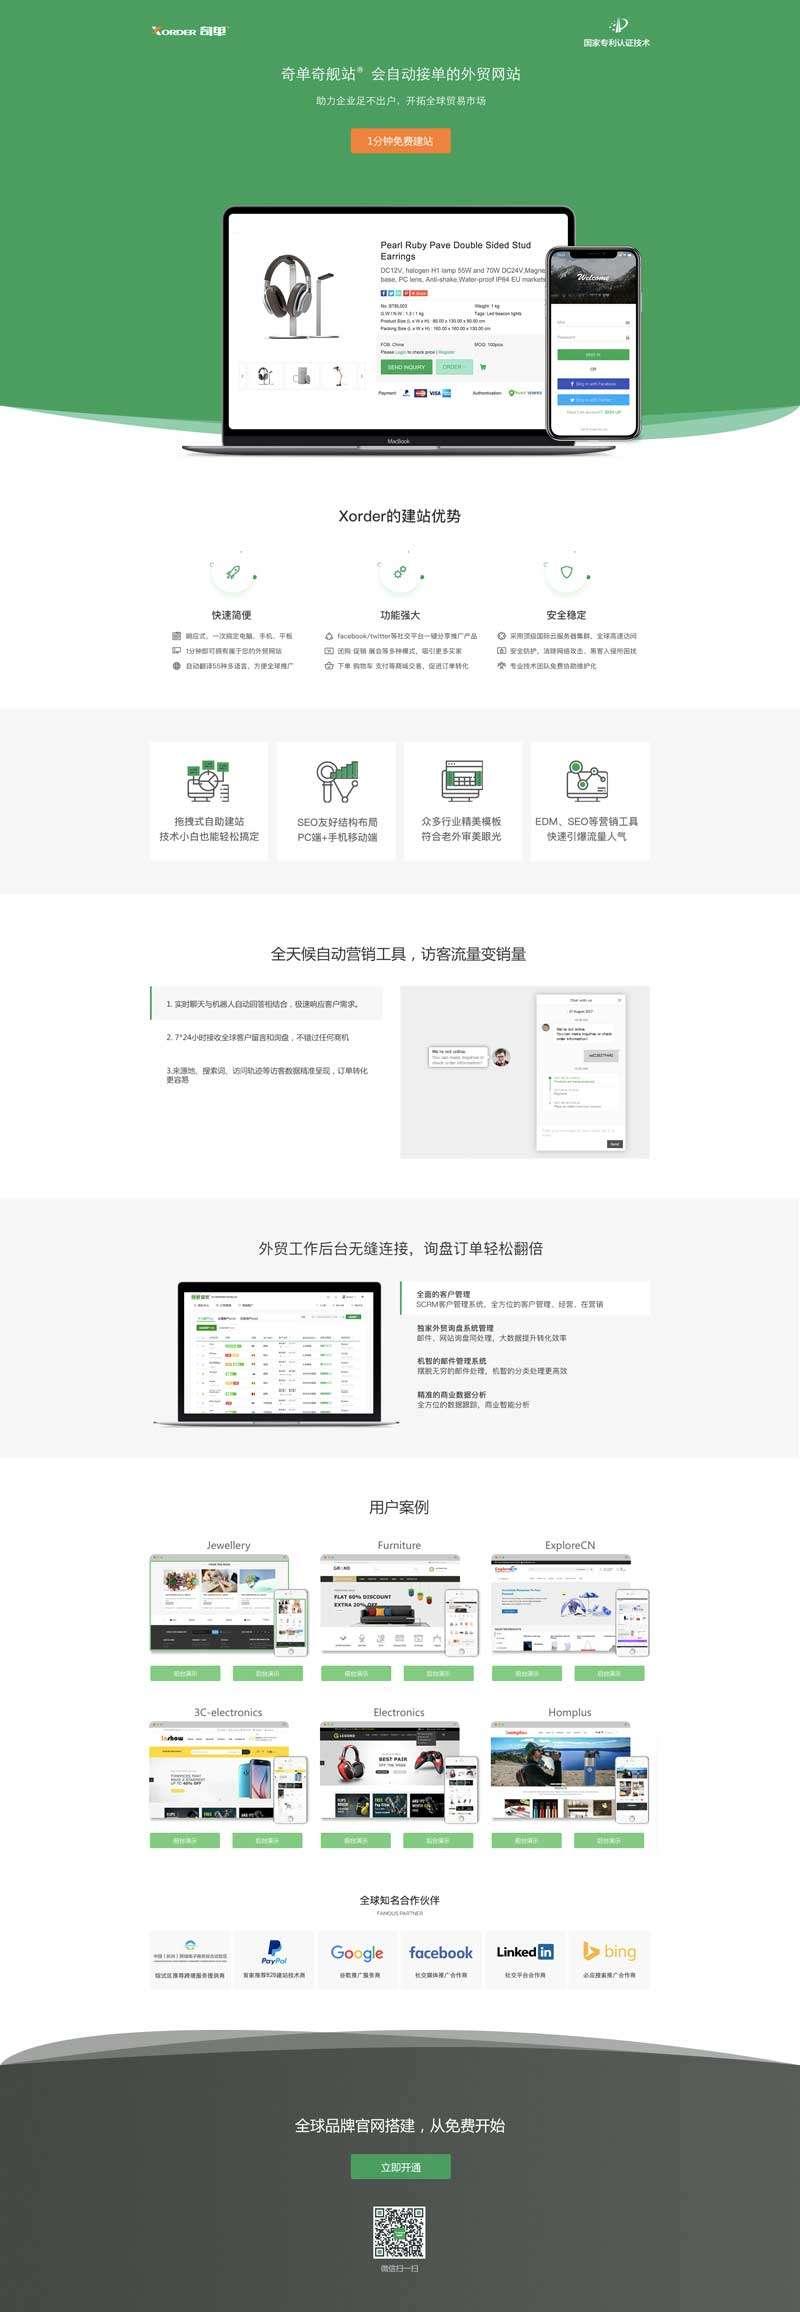 绿色的智能建站公司官网设计模板psd下载